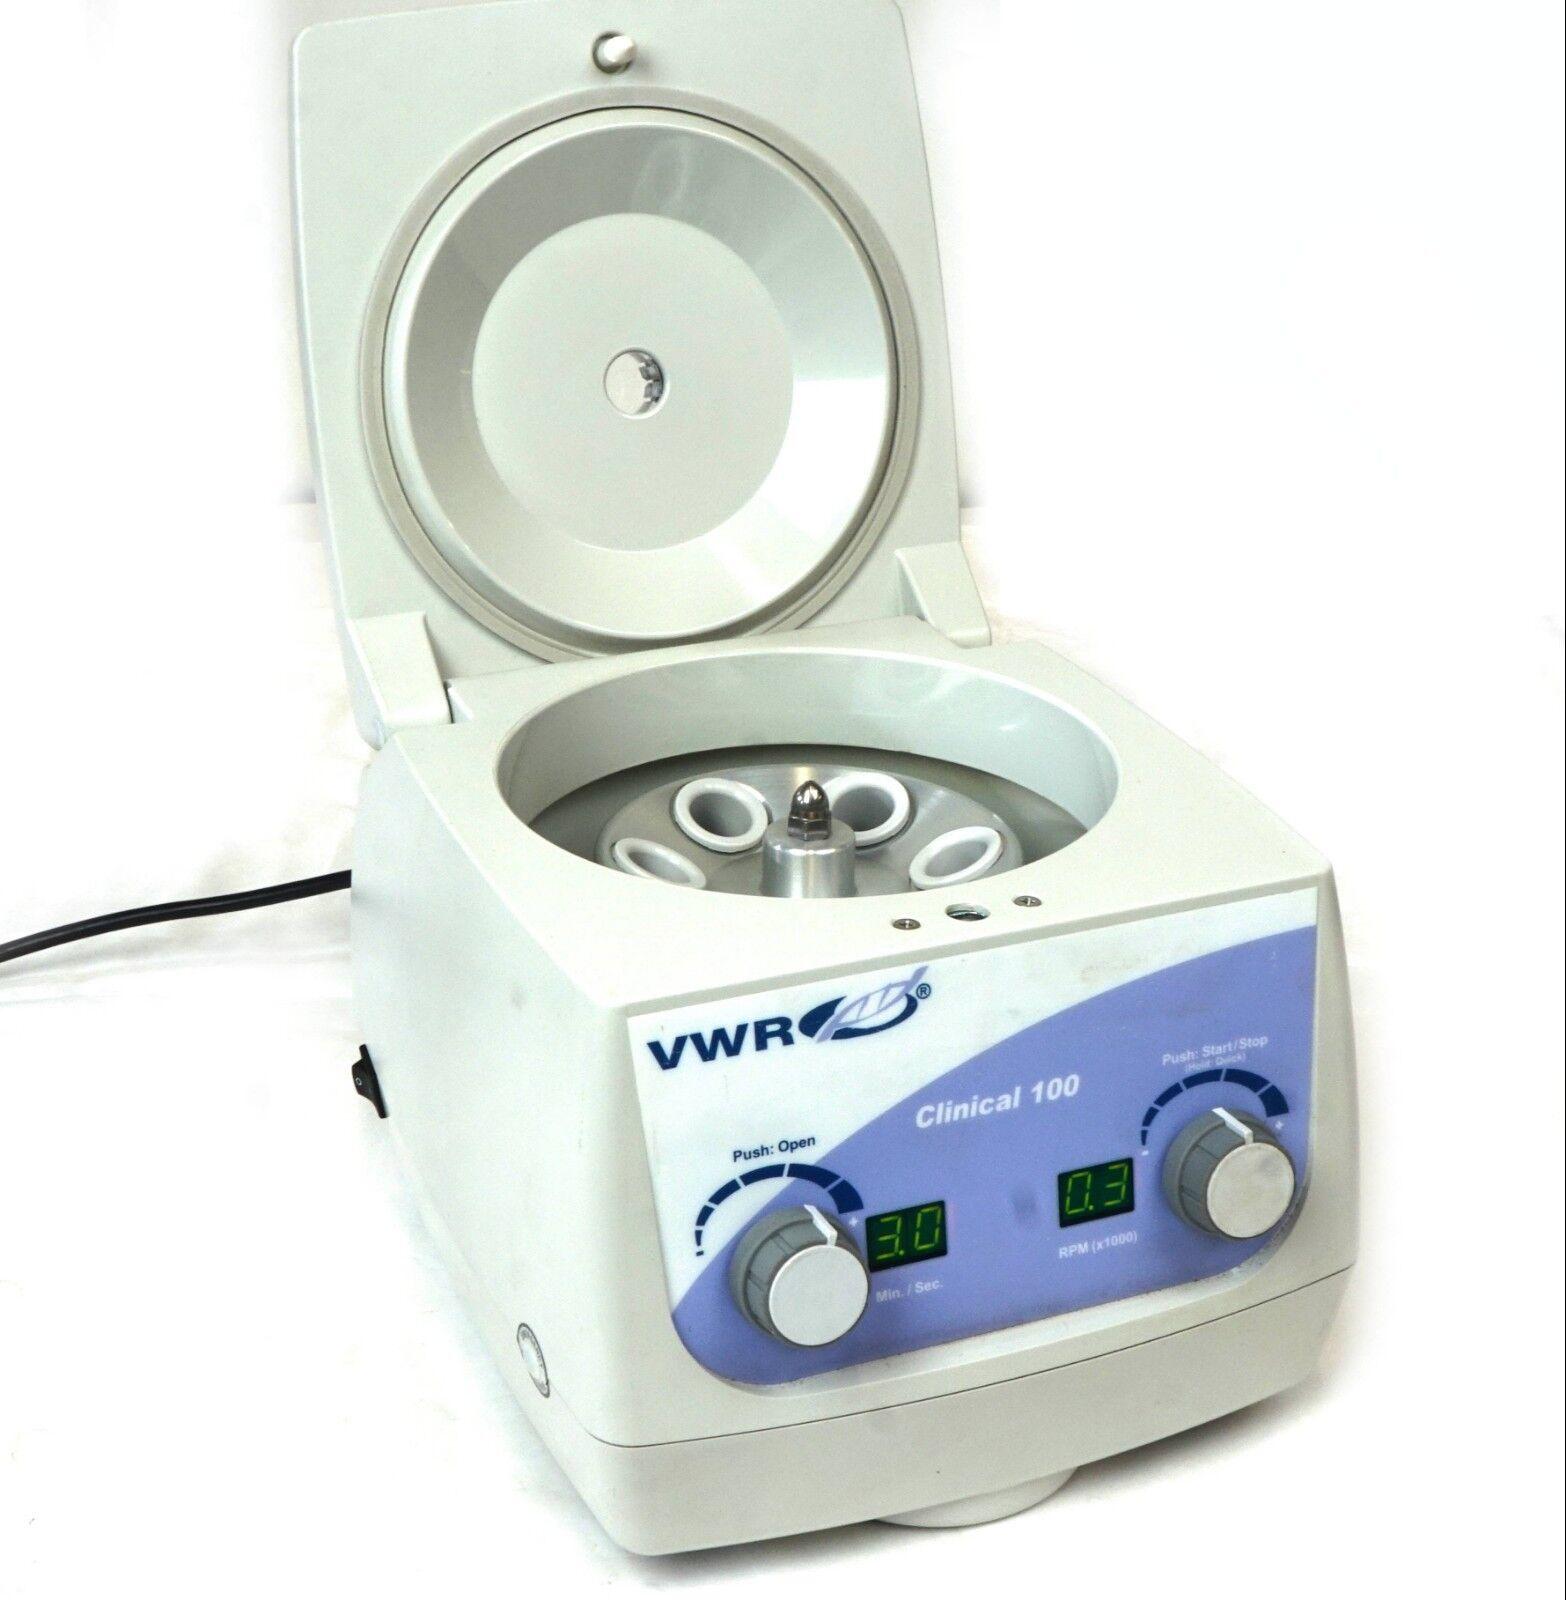 VWR Centrifugue